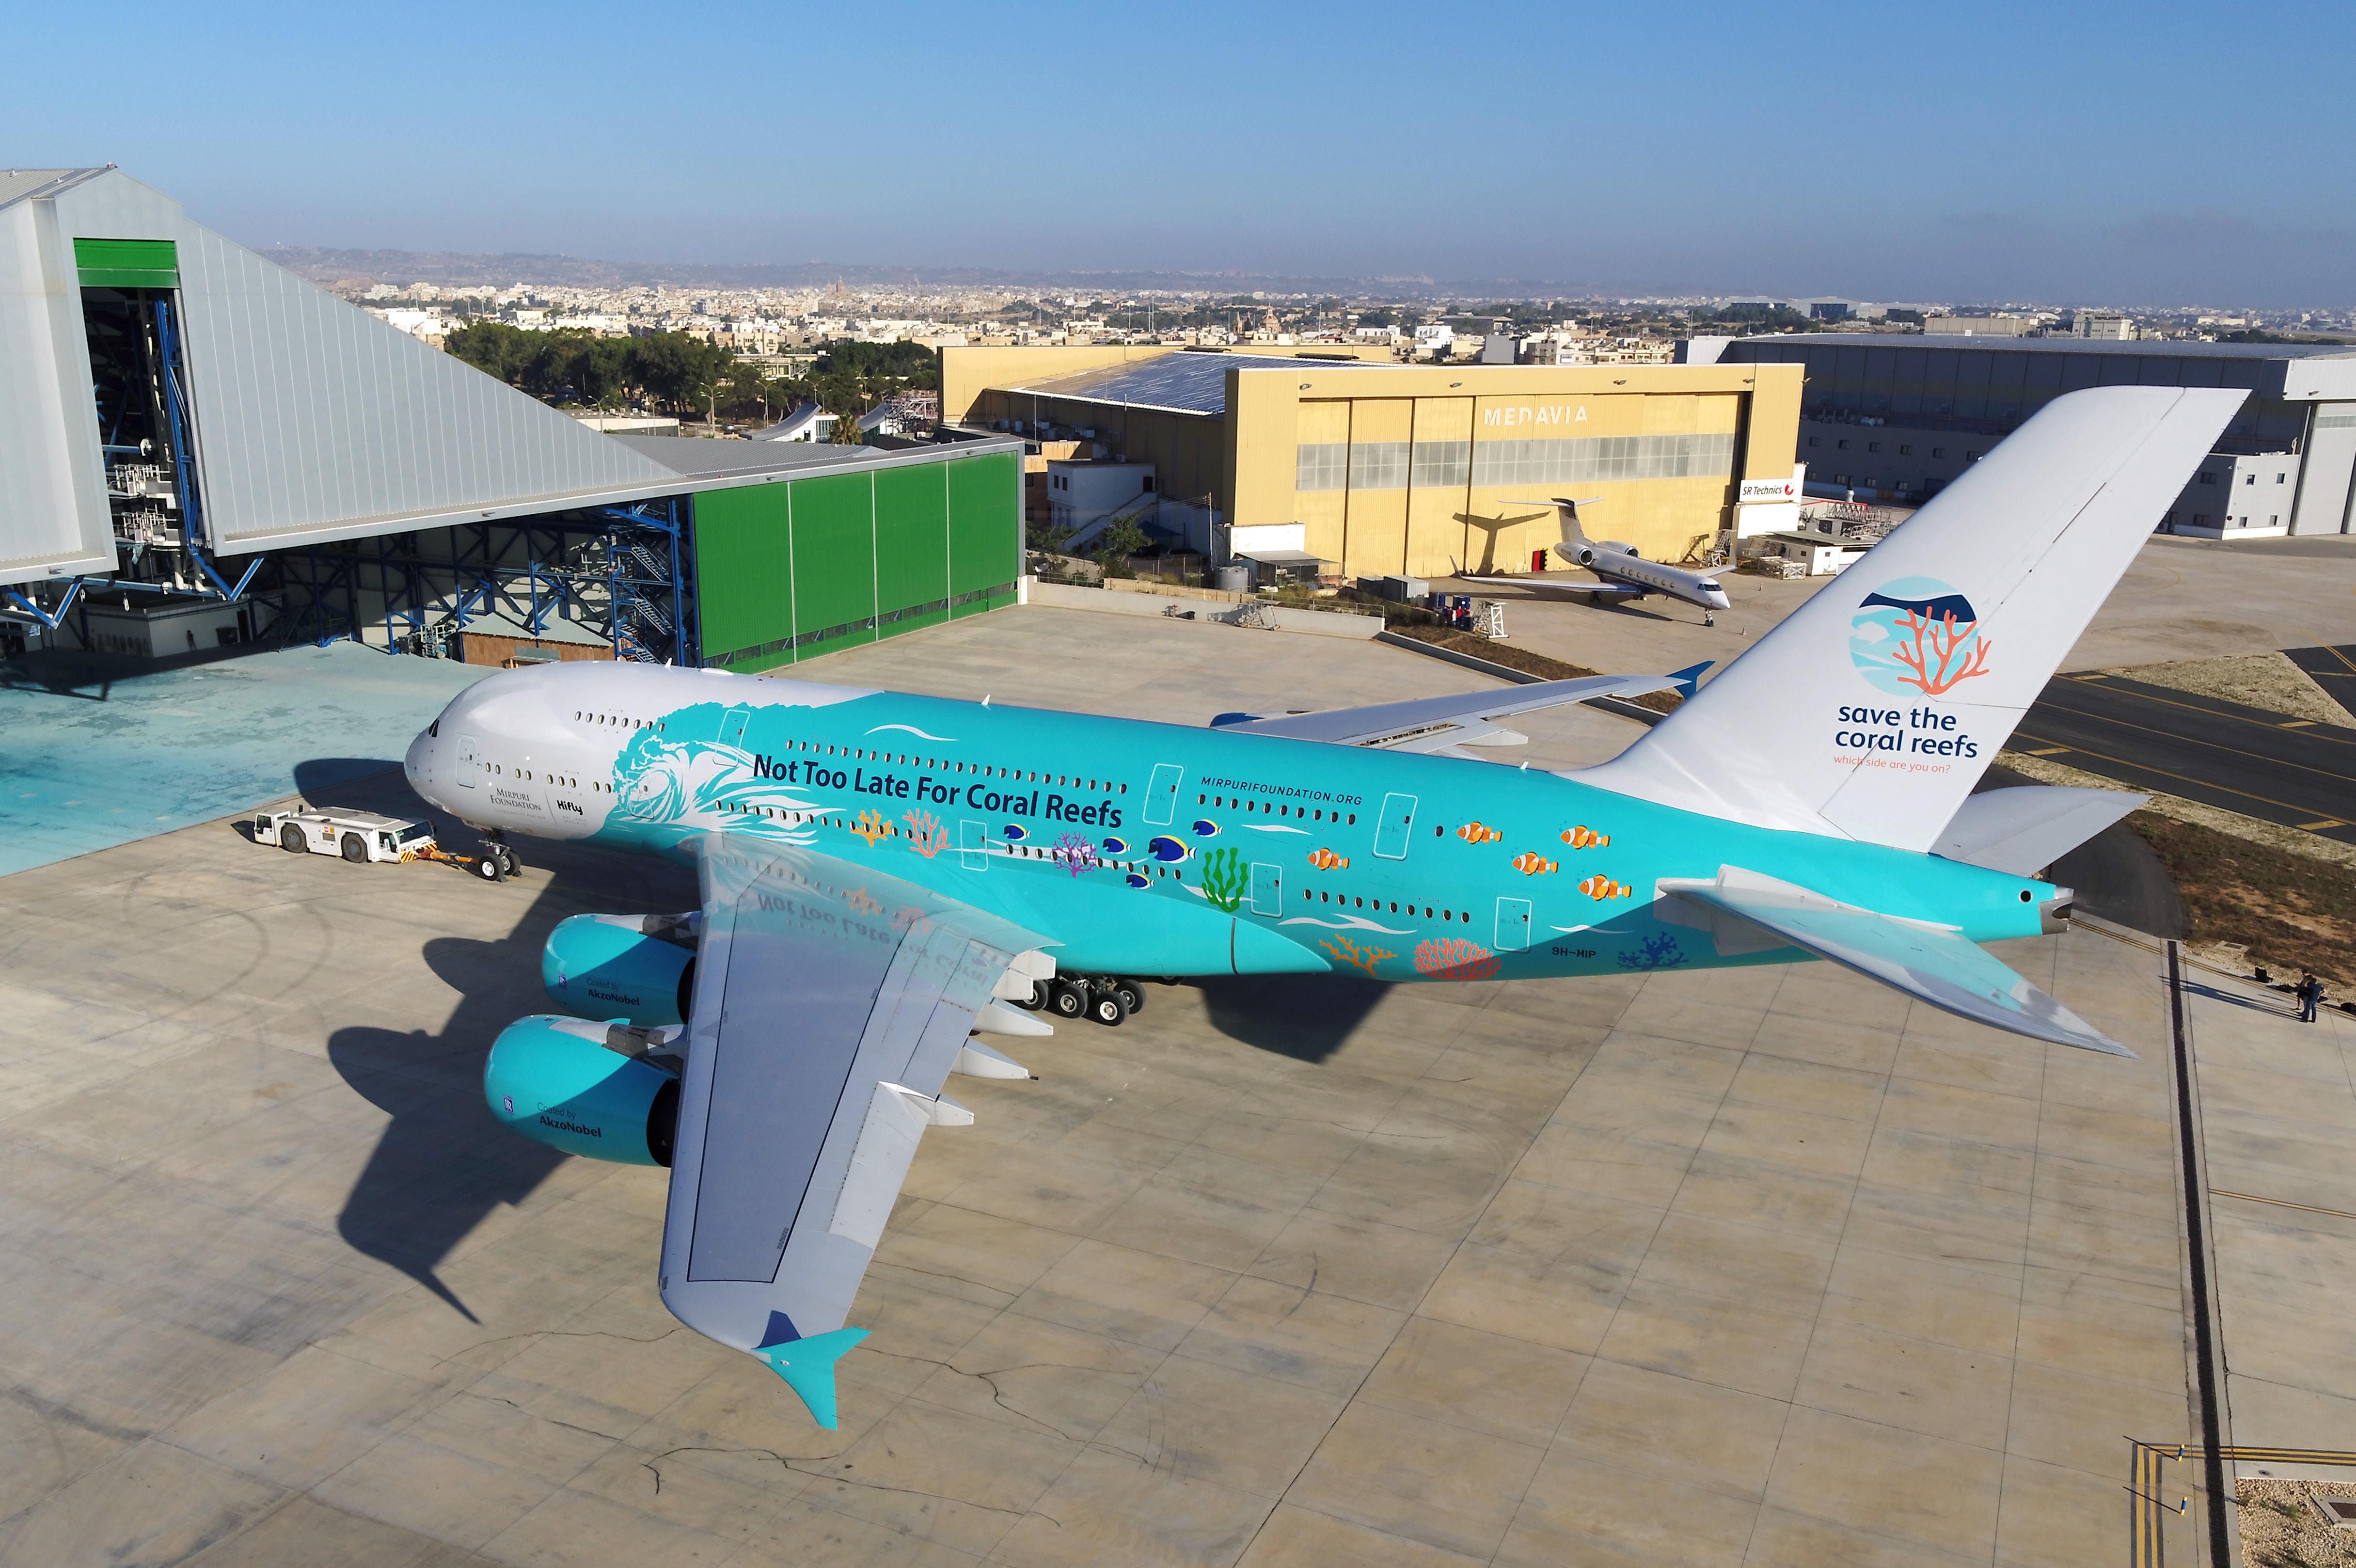 Den nye bemaling af A380'eren hos det portugisiske wetleasing-flyselskab HiFly. Foto: HiFly